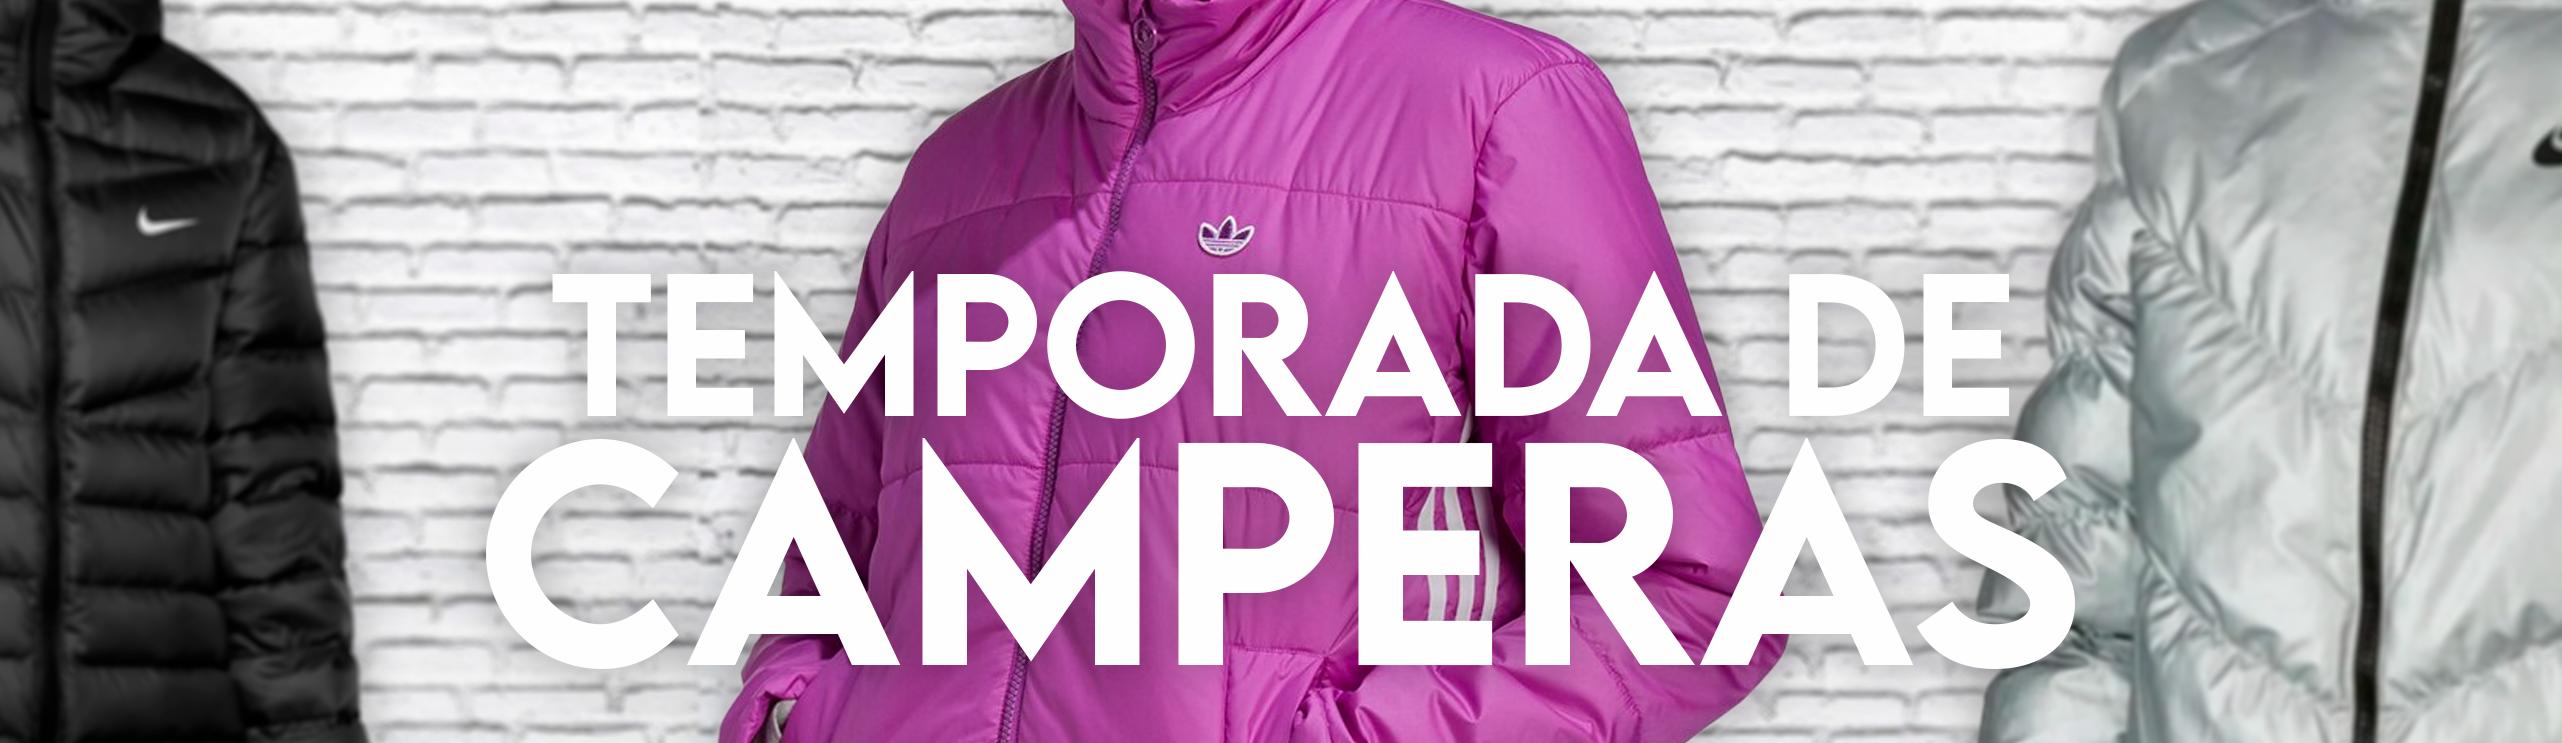 BANNER PROPIO 1TEMP CAMPERAS